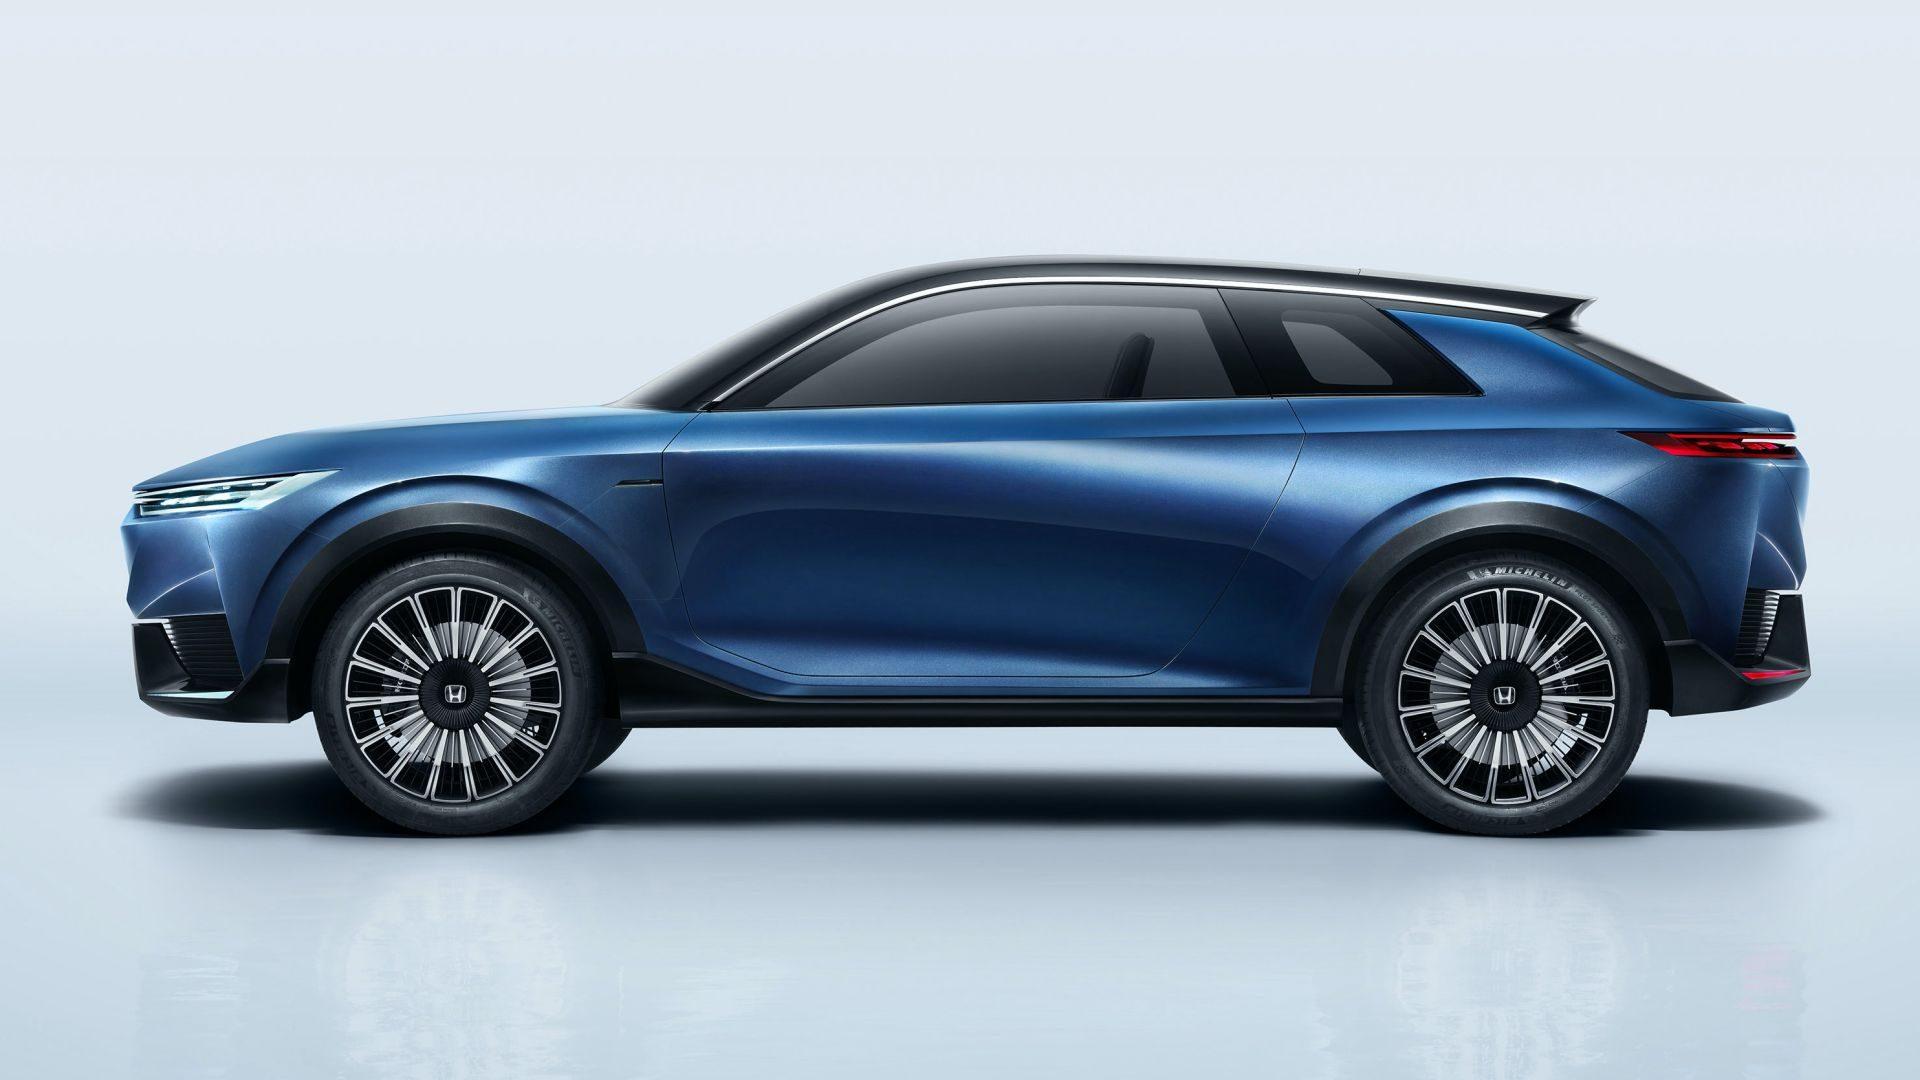 2020-Honda-SUV-e-concept-02